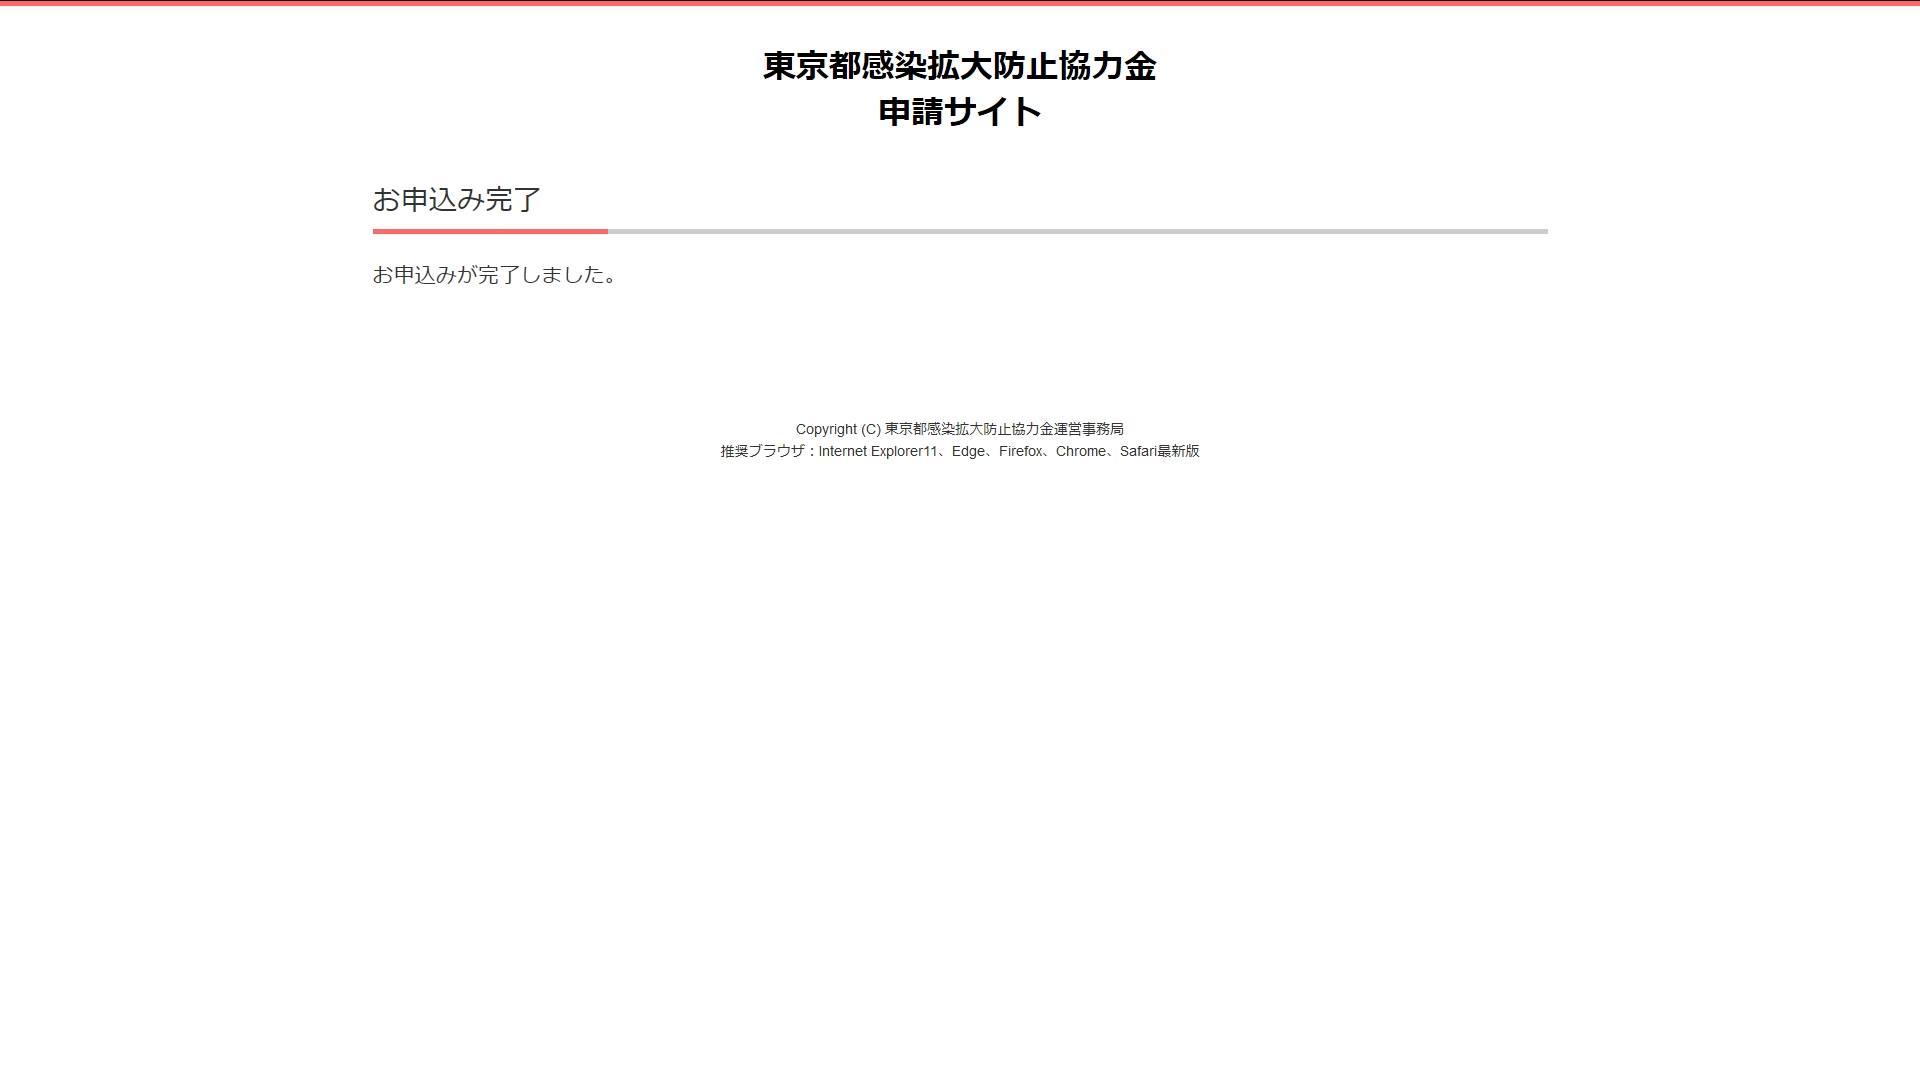 防止 金 東京 都 協力 拡大 感染